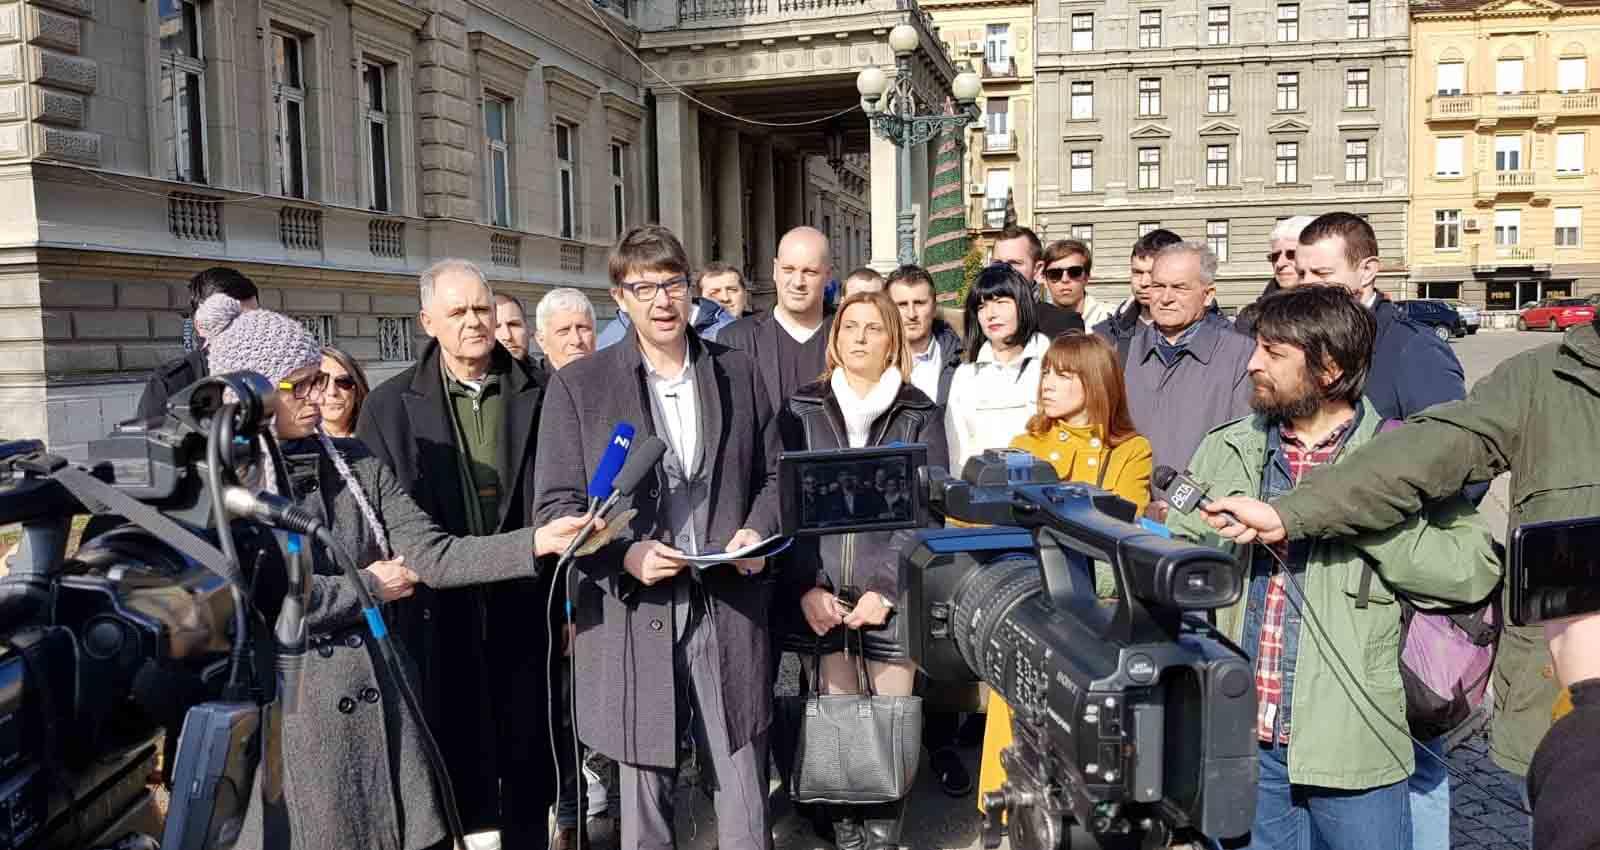 Јовановић поднео градоначелнику и градској управи захтев да се спречи узурпација Савског приобаља